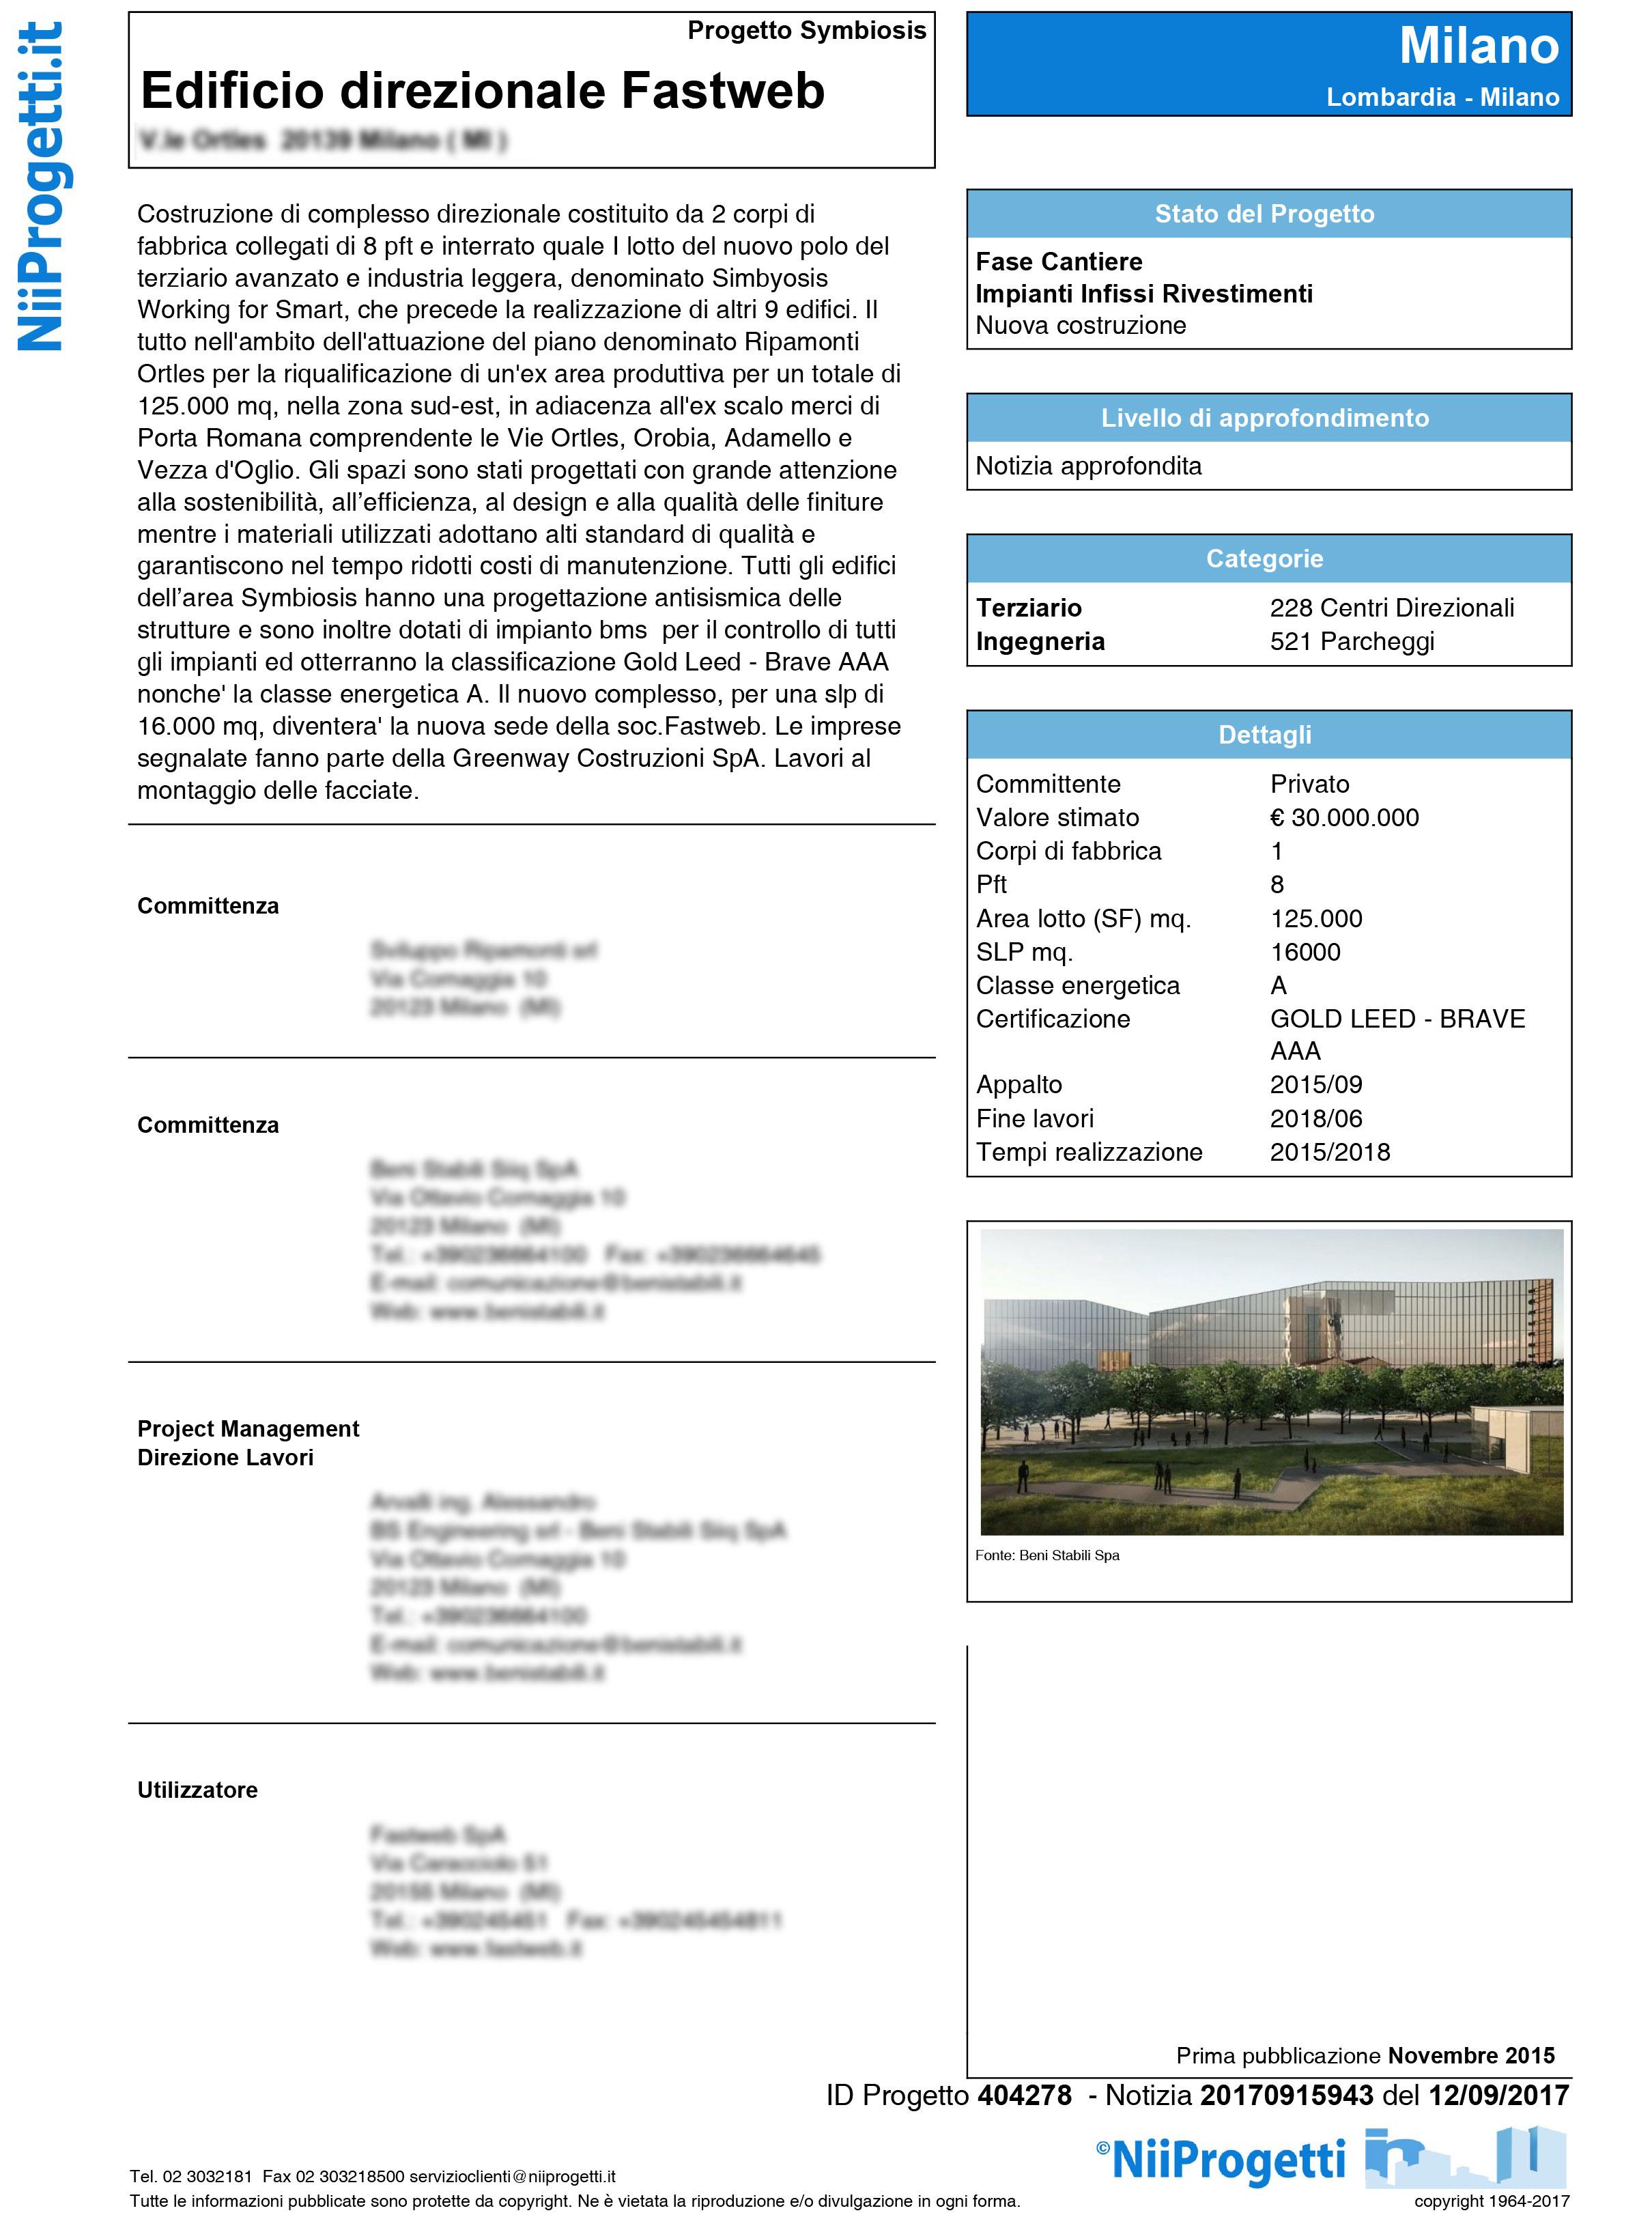 Fonte Greenway Costruzioni SpA